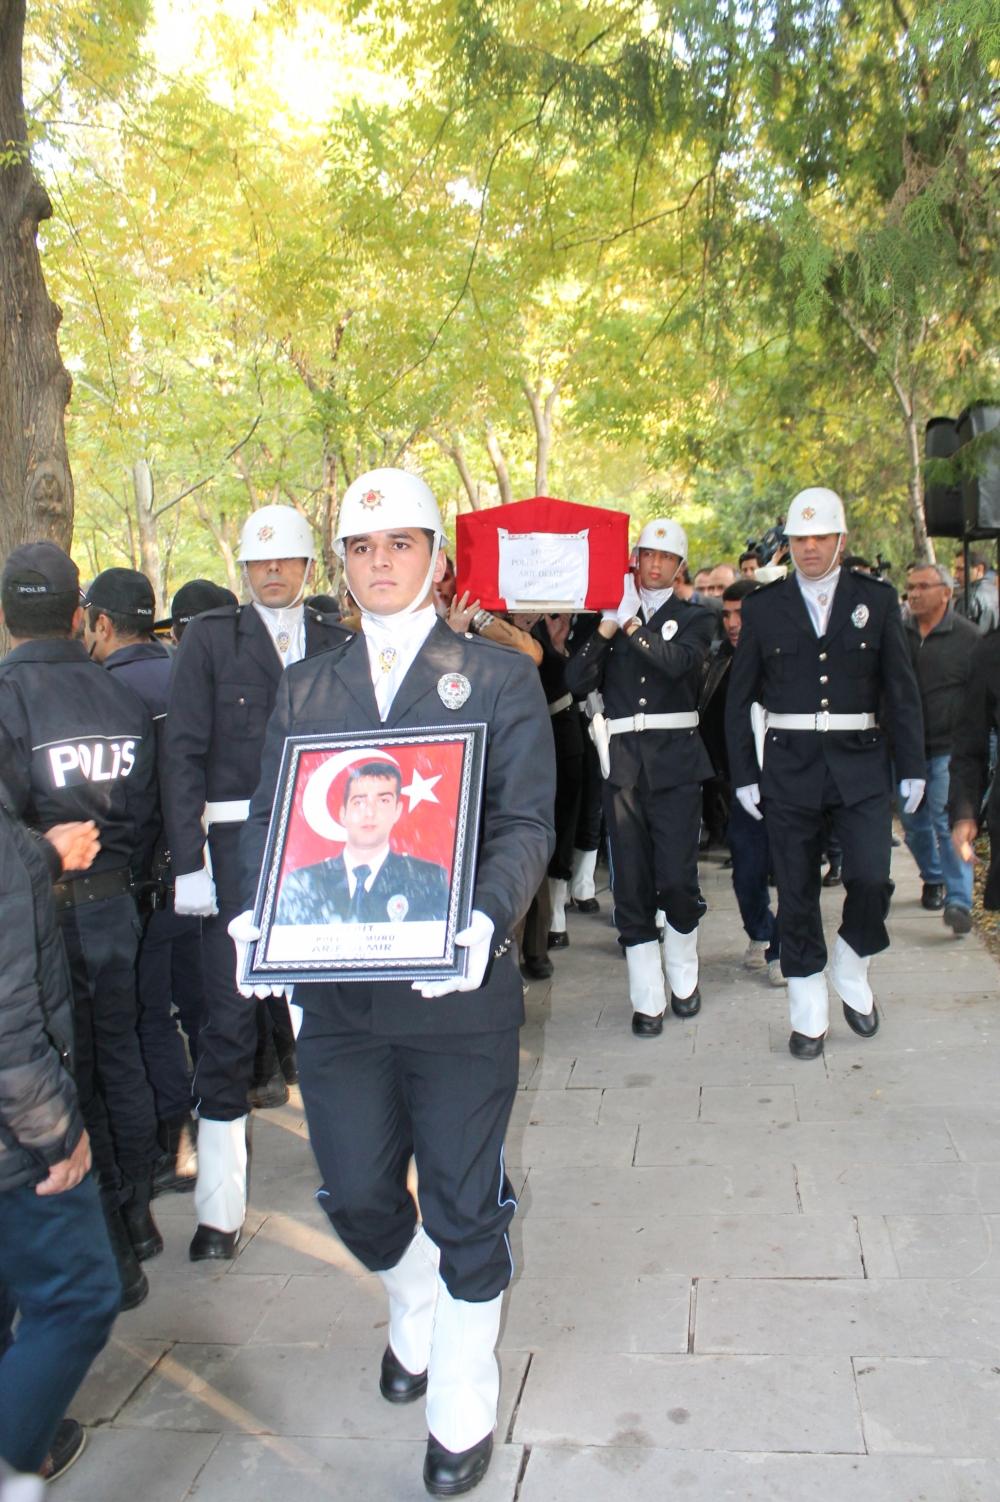 Şehit polis son yolculuğuna uğurlandı 22